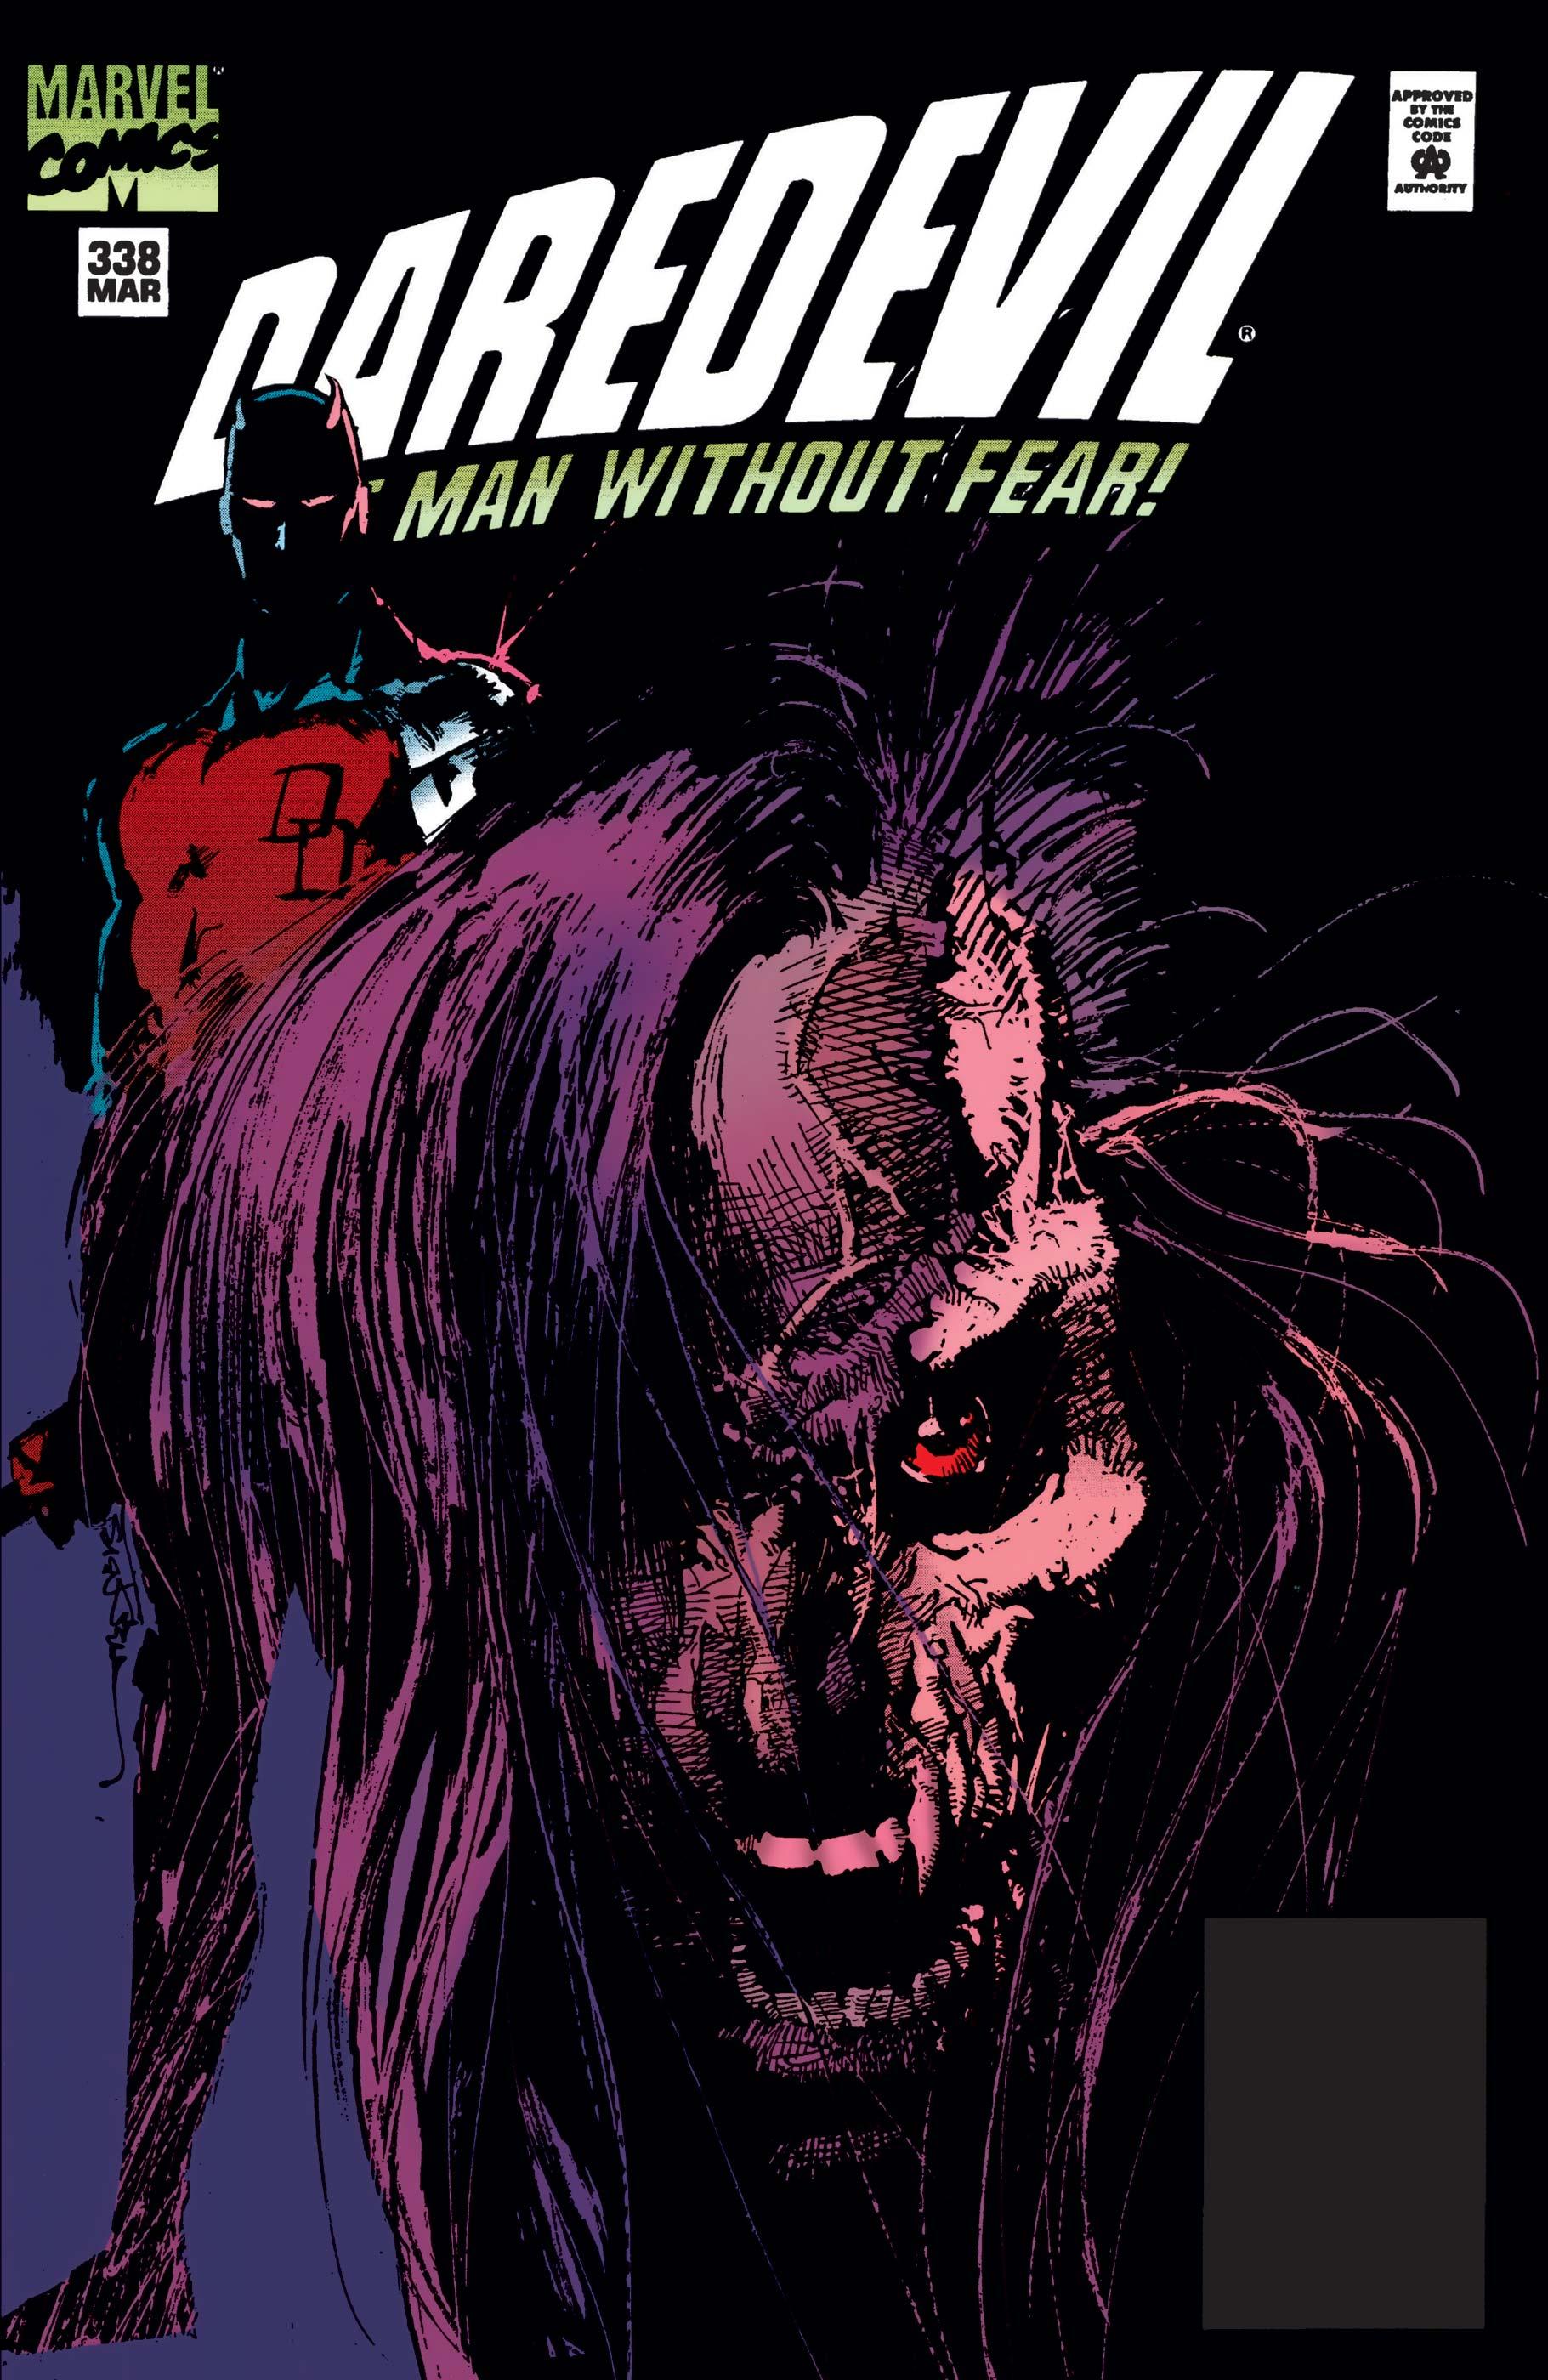 Daredevil (1964) #338